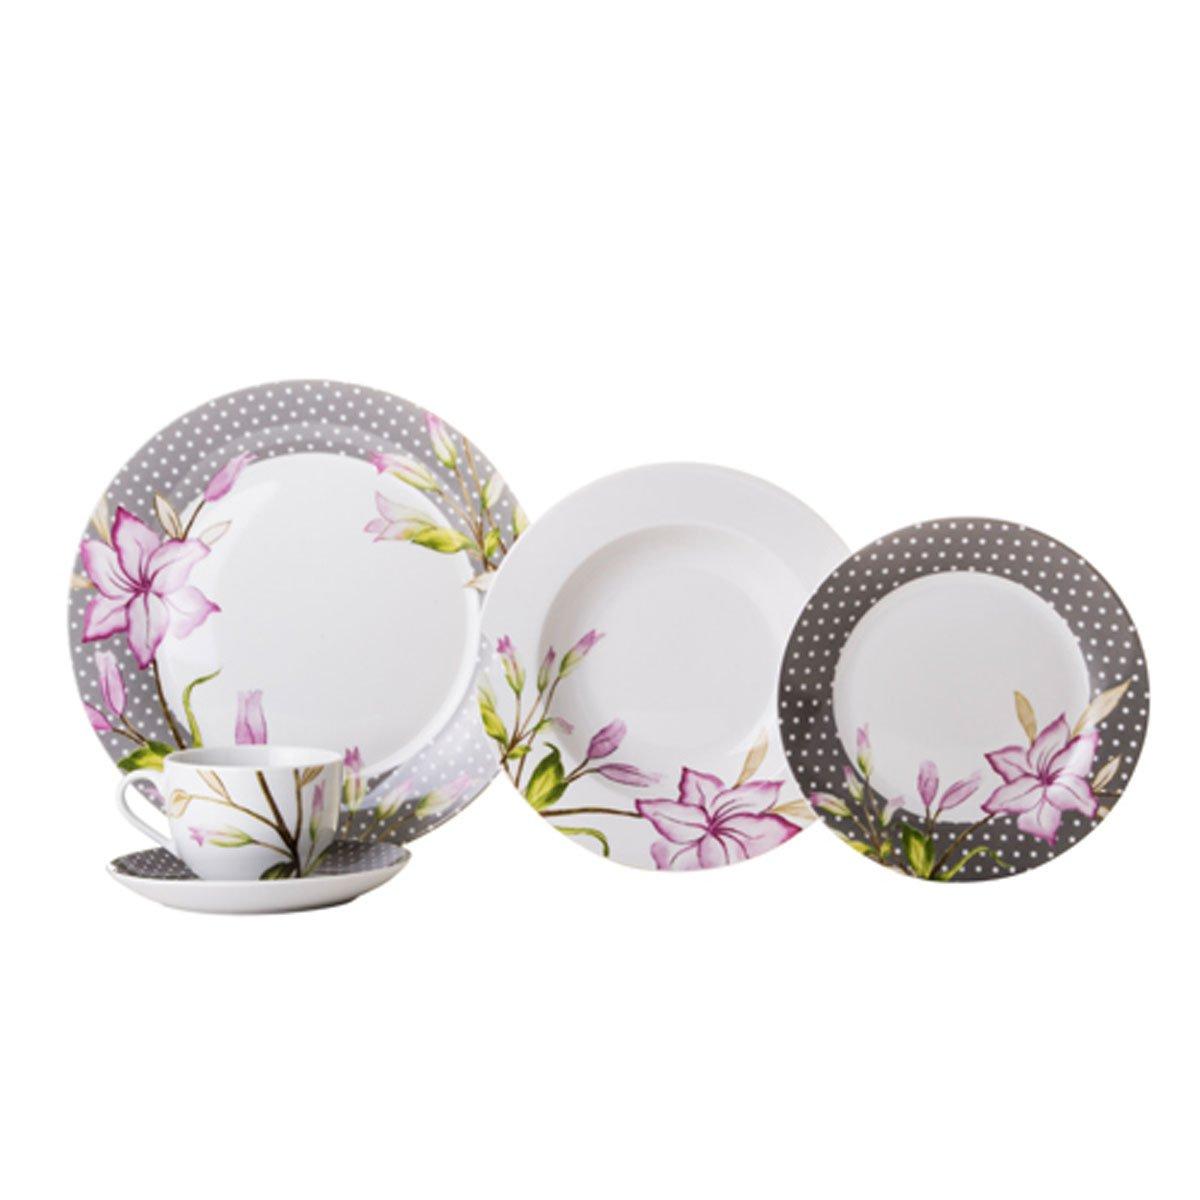 Vajilla 20 piezas porcelana floyd crown baccara sears for Vajilla precio